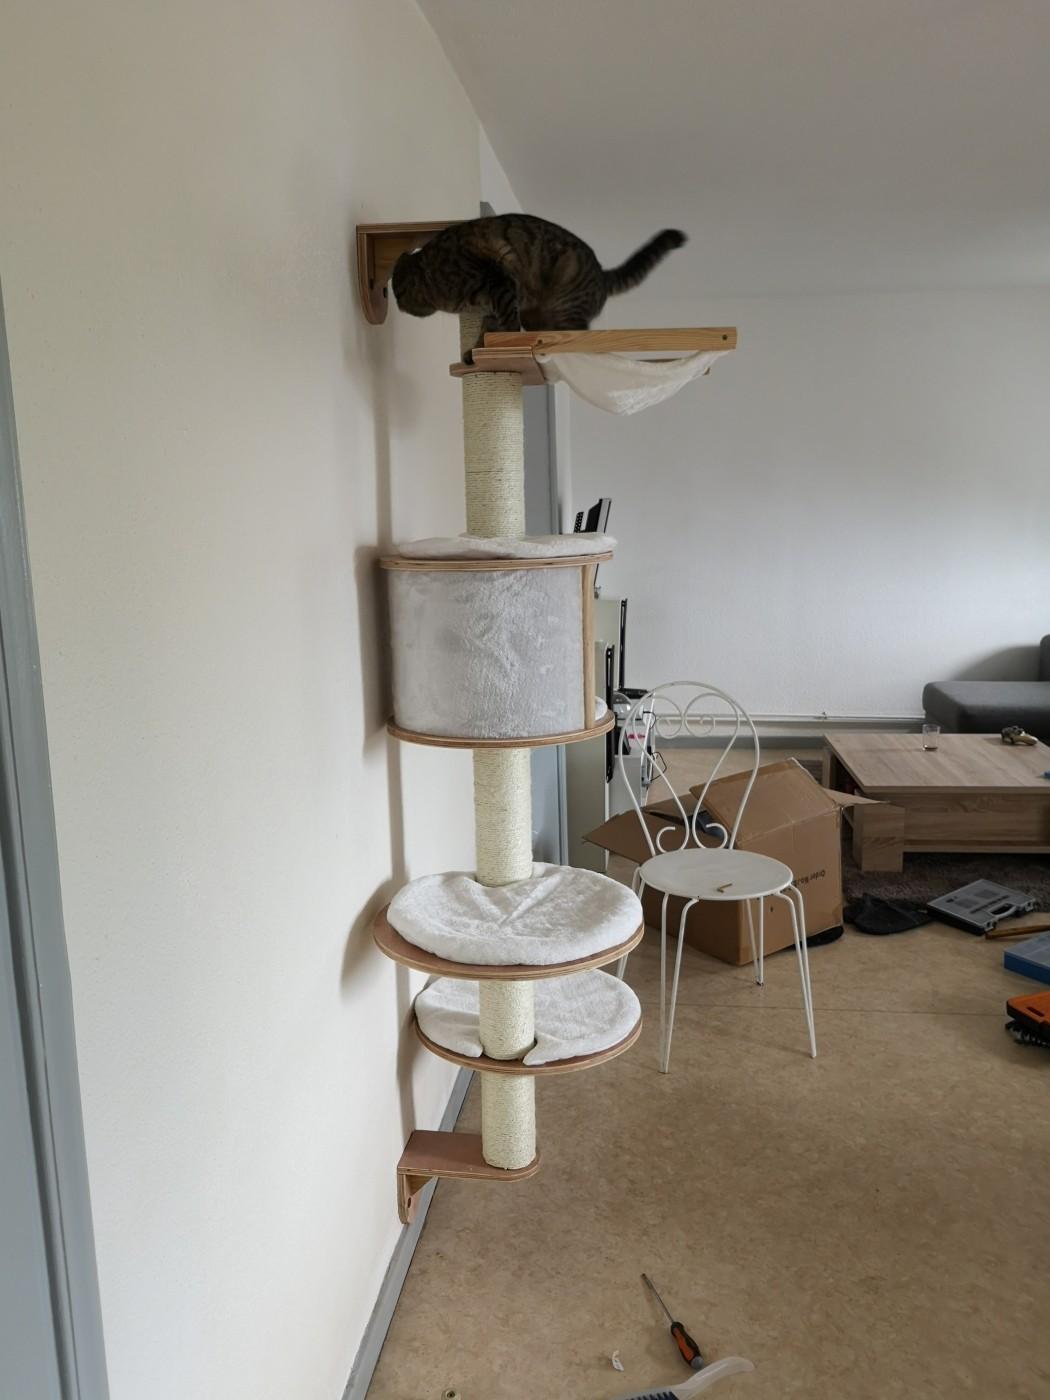 meinungen zu kratzbaum dolomit an der wand zu montieren. Black Bedroom Furniture Sets. Home Design Ideas